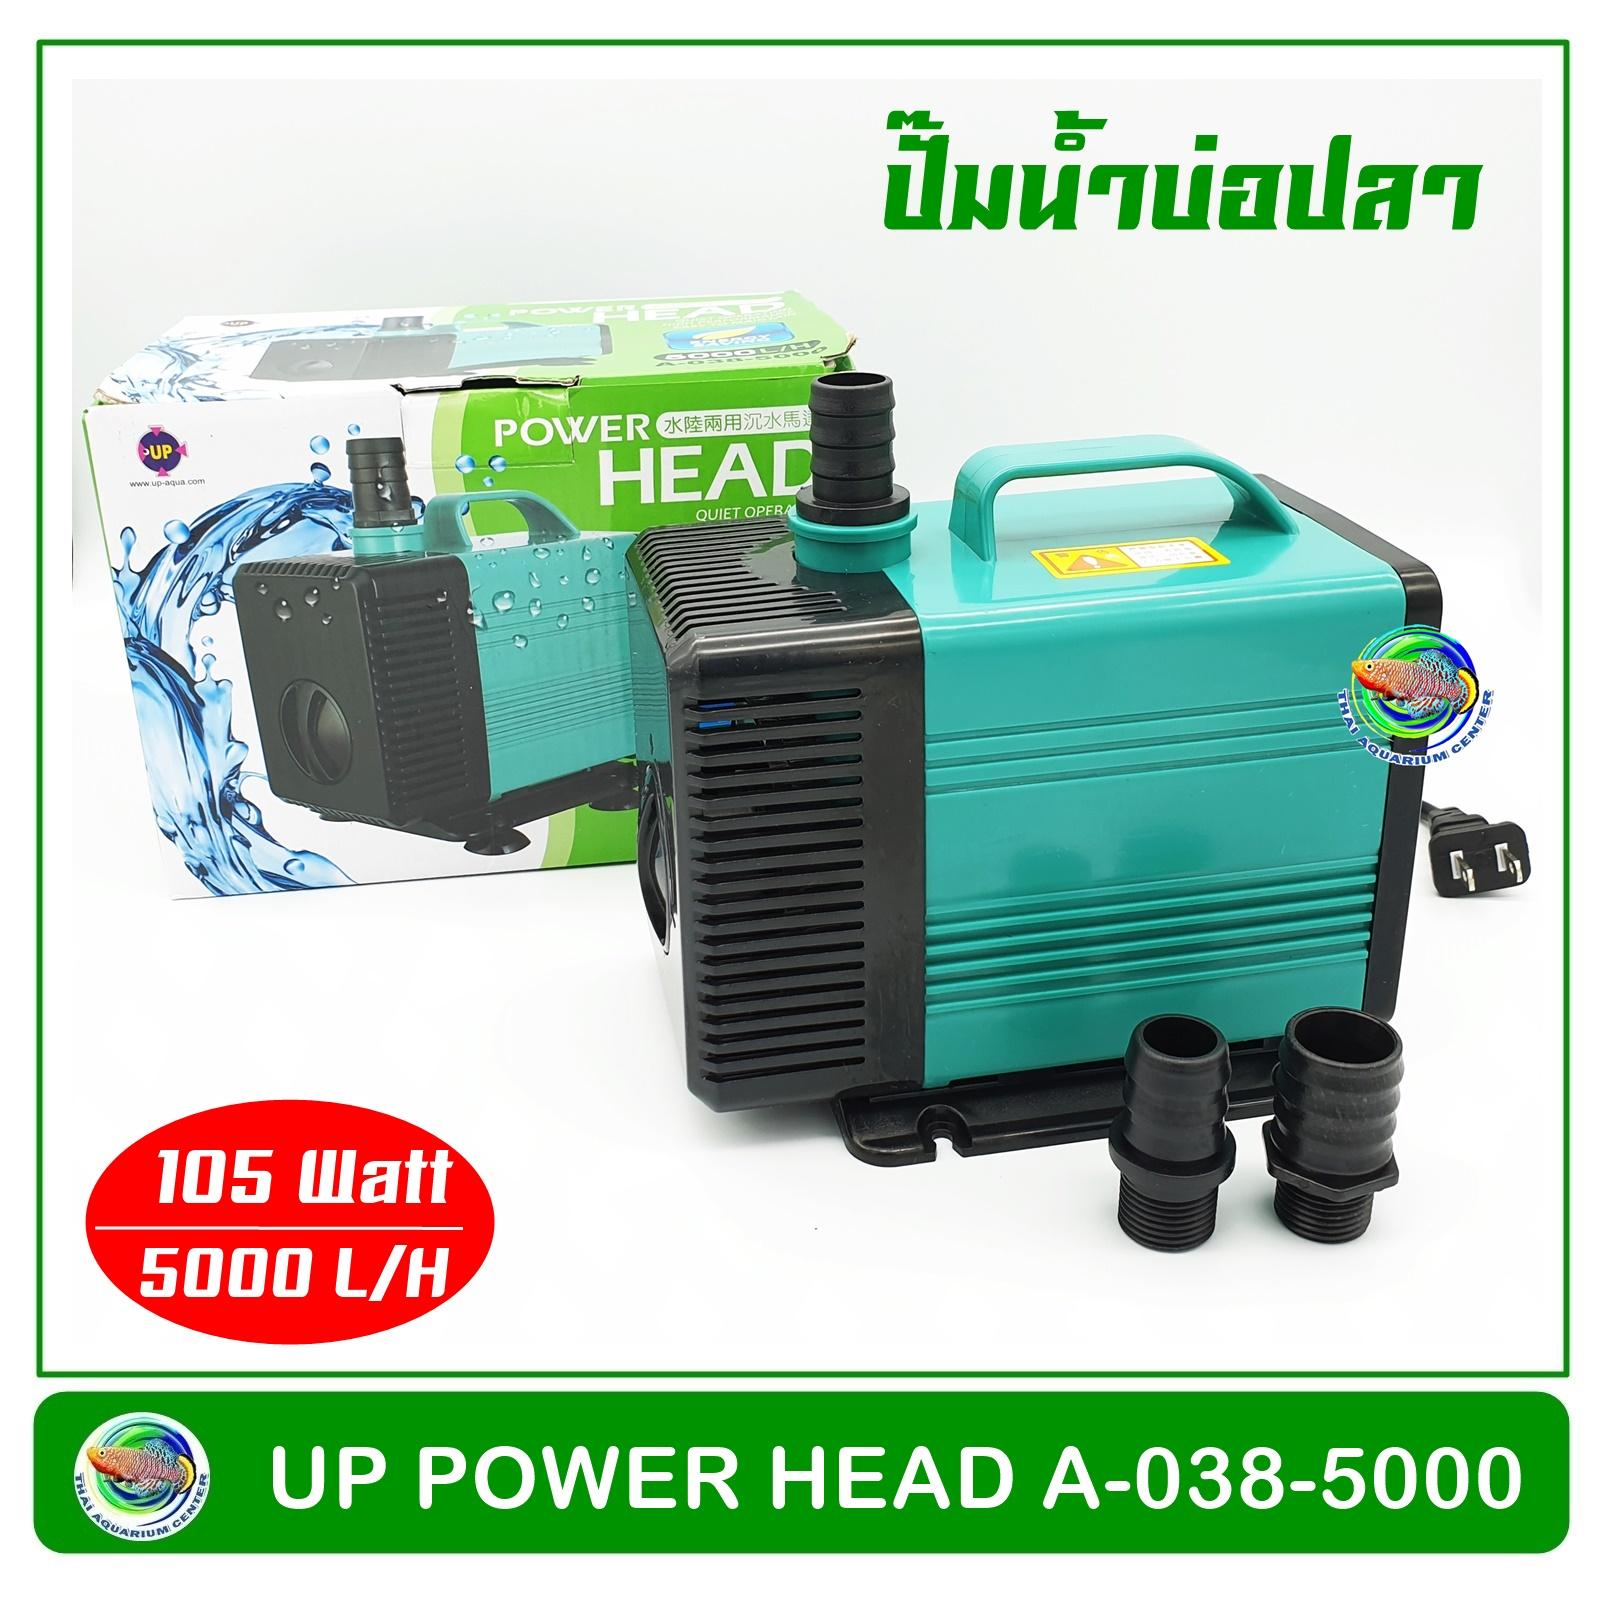 UP Aqua A-038-5000 ปั้มน้ำประหยัดไฟ ปั๊มน้ำบ่อปลา 105w 5000 L/H ปั๊มน้ำ ปั๊มแช่ ปั๊มน้ำพุ